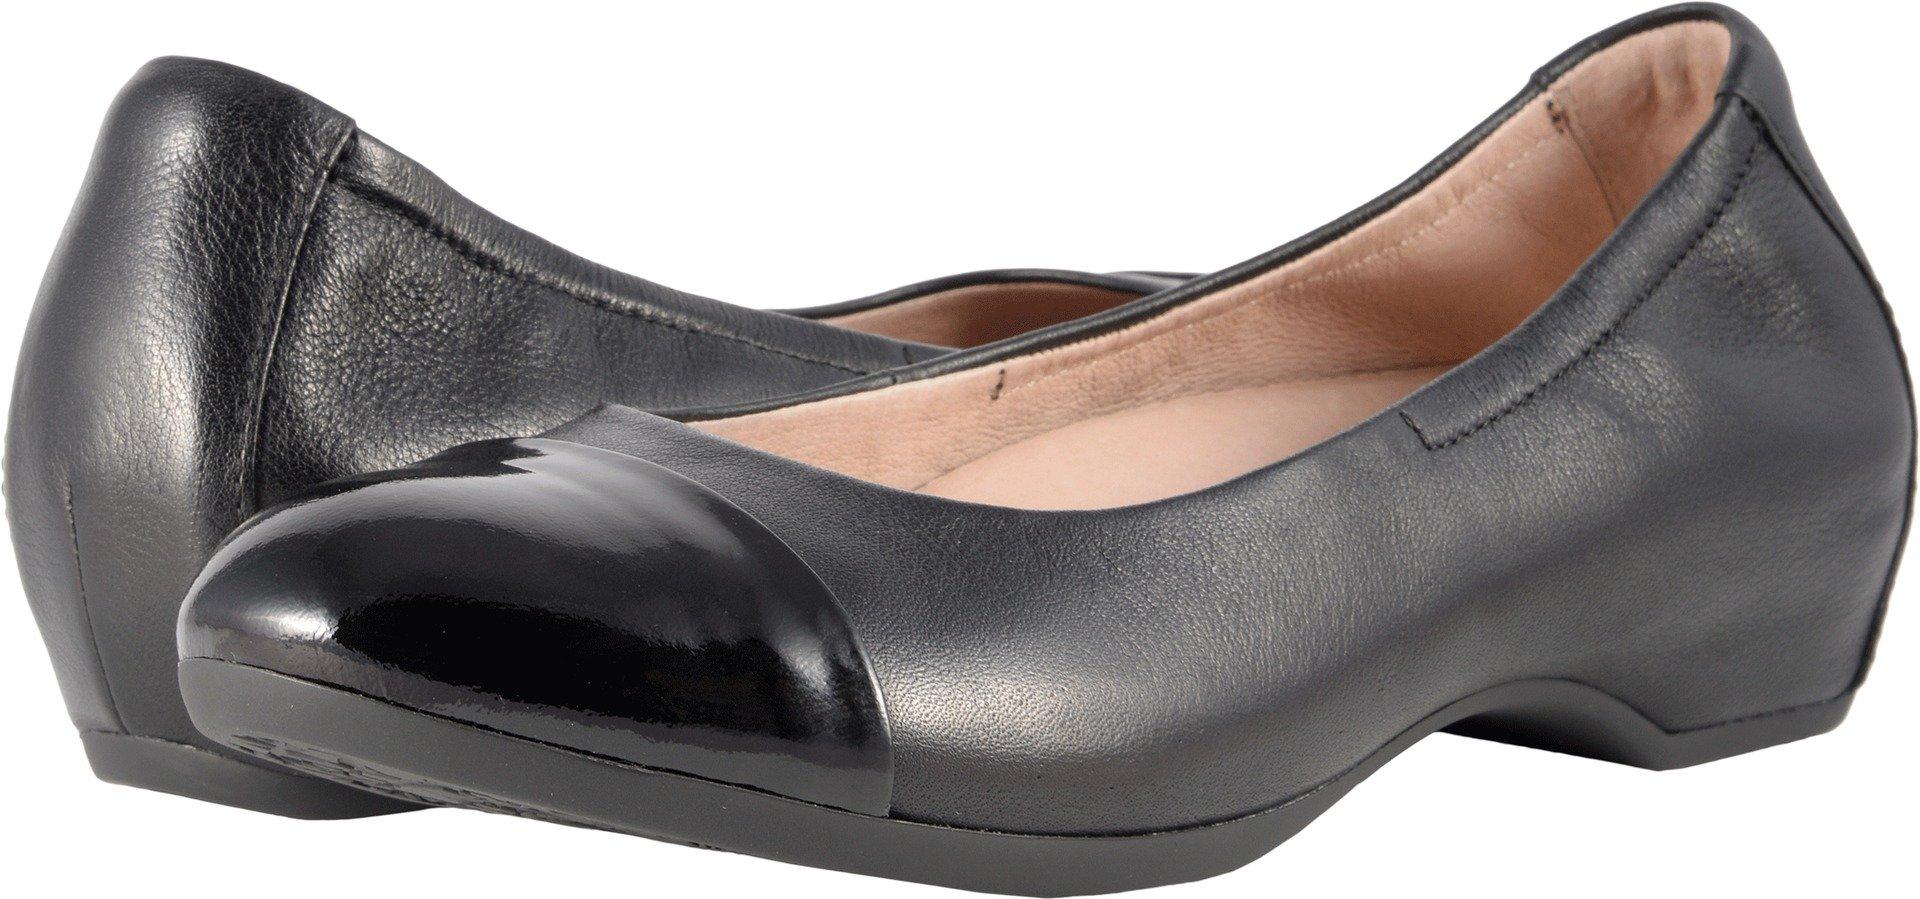 Dansko Women's Lisanne Flat Black/Black Milled Nappa Size 38 EU (7.5-8 M US Women)